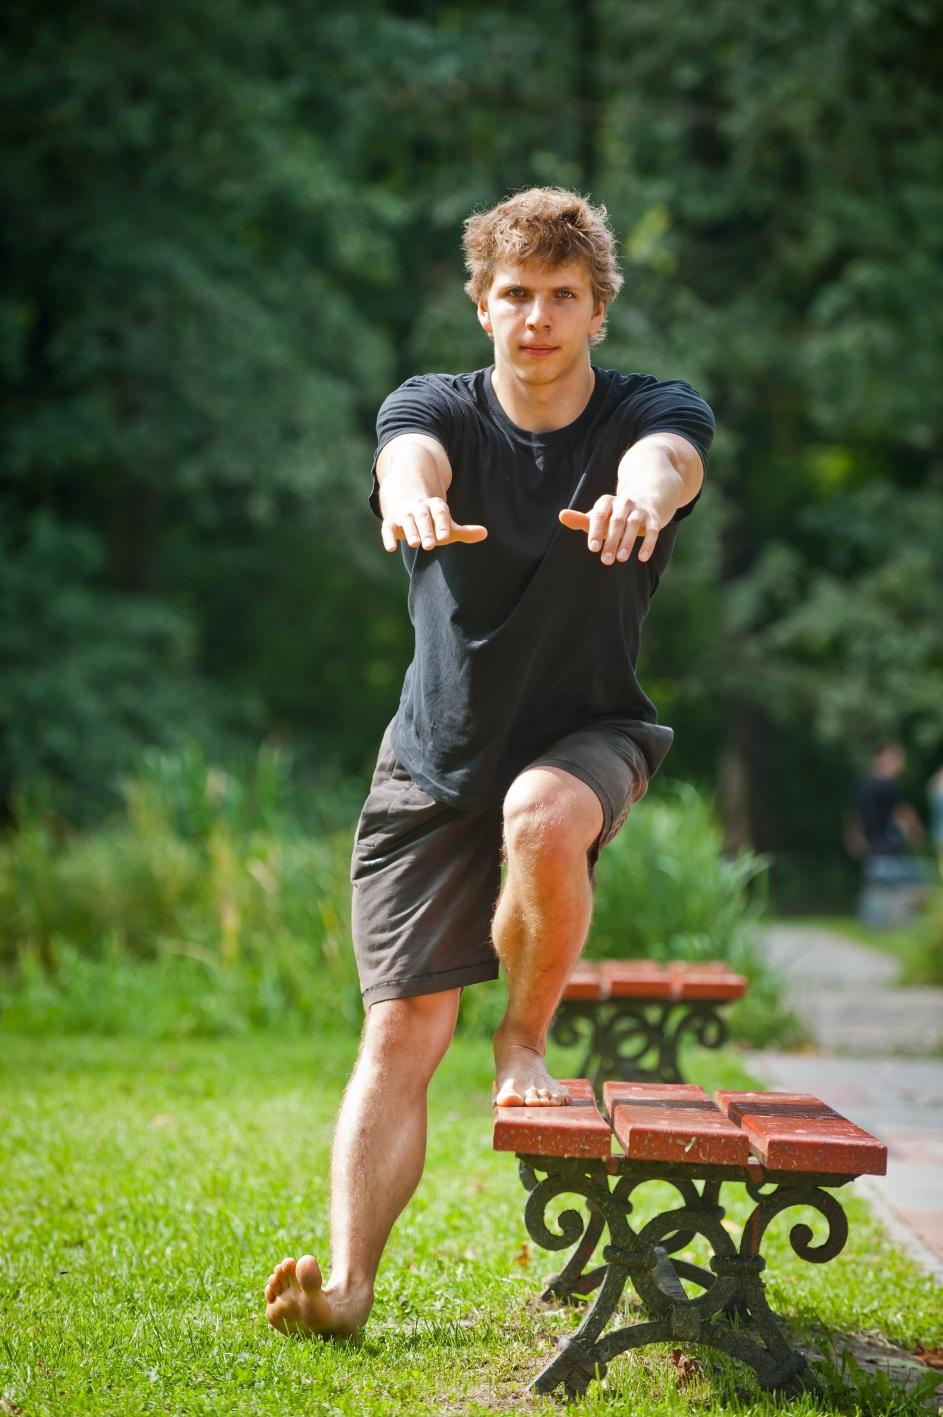 Ćwiczenia asymetryczne Fot. Rafał Nowakowski 08